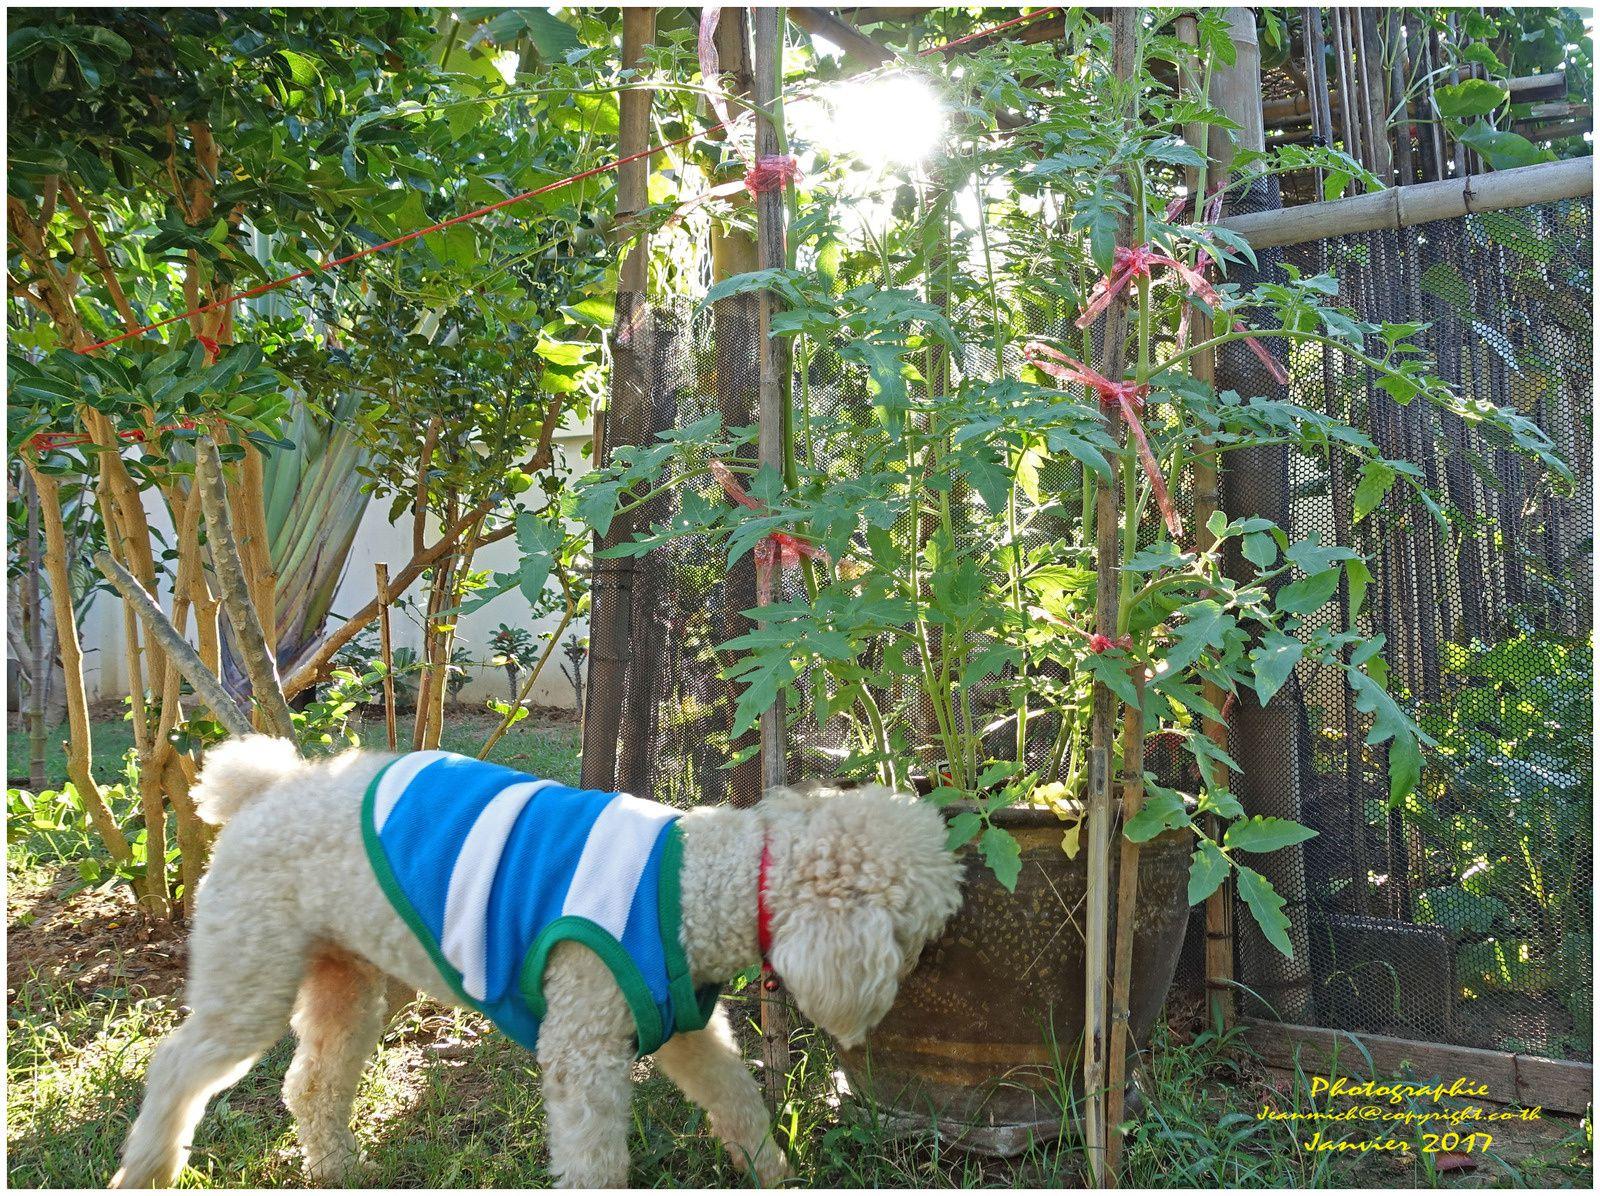 Même Filou qui a revêtu son manteau.... s'intéresse aux tomates..... faudra bien lâcher un fil contre le pot!!!!